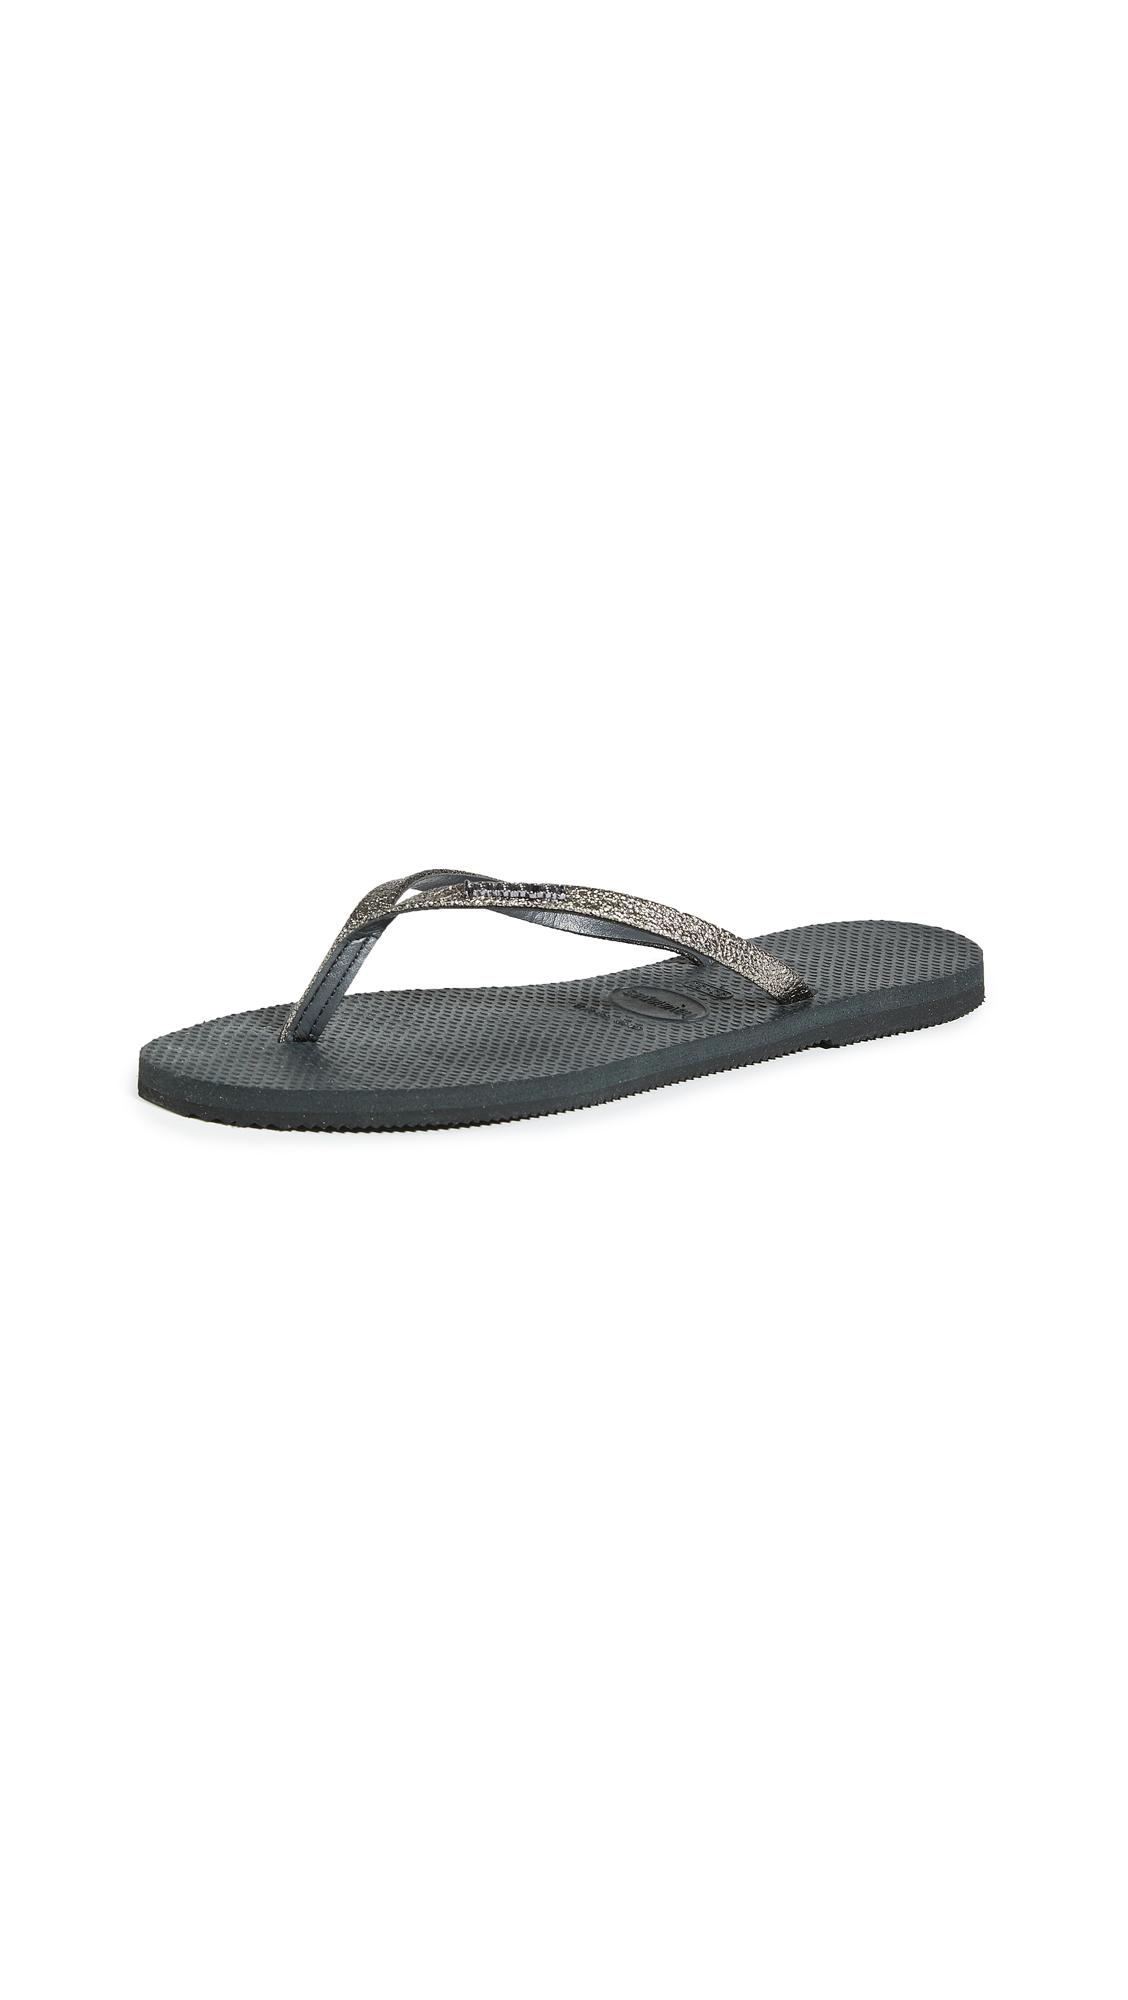 Buy Havaianas You Shine Flip Flops online, shop Havaianas